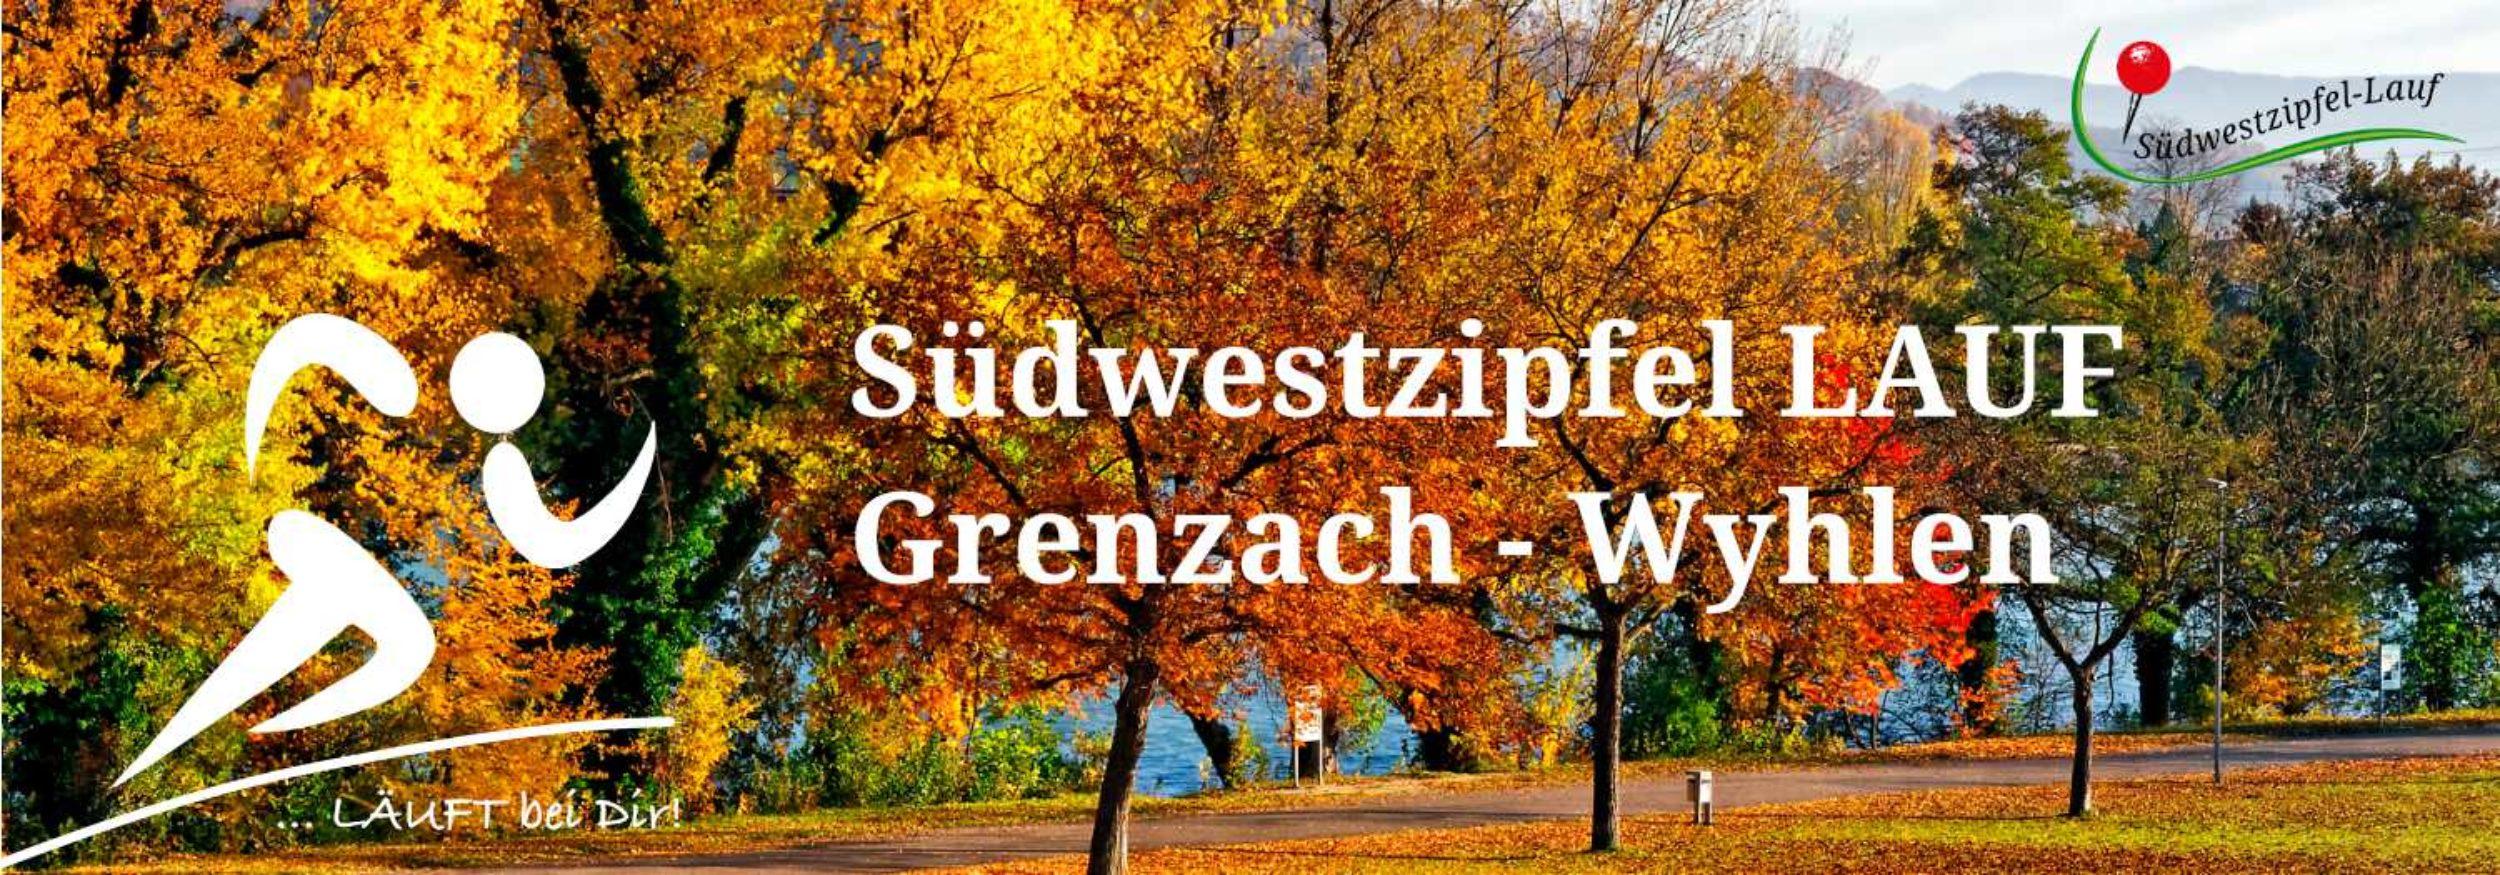 Südwestzipfel-Lauf